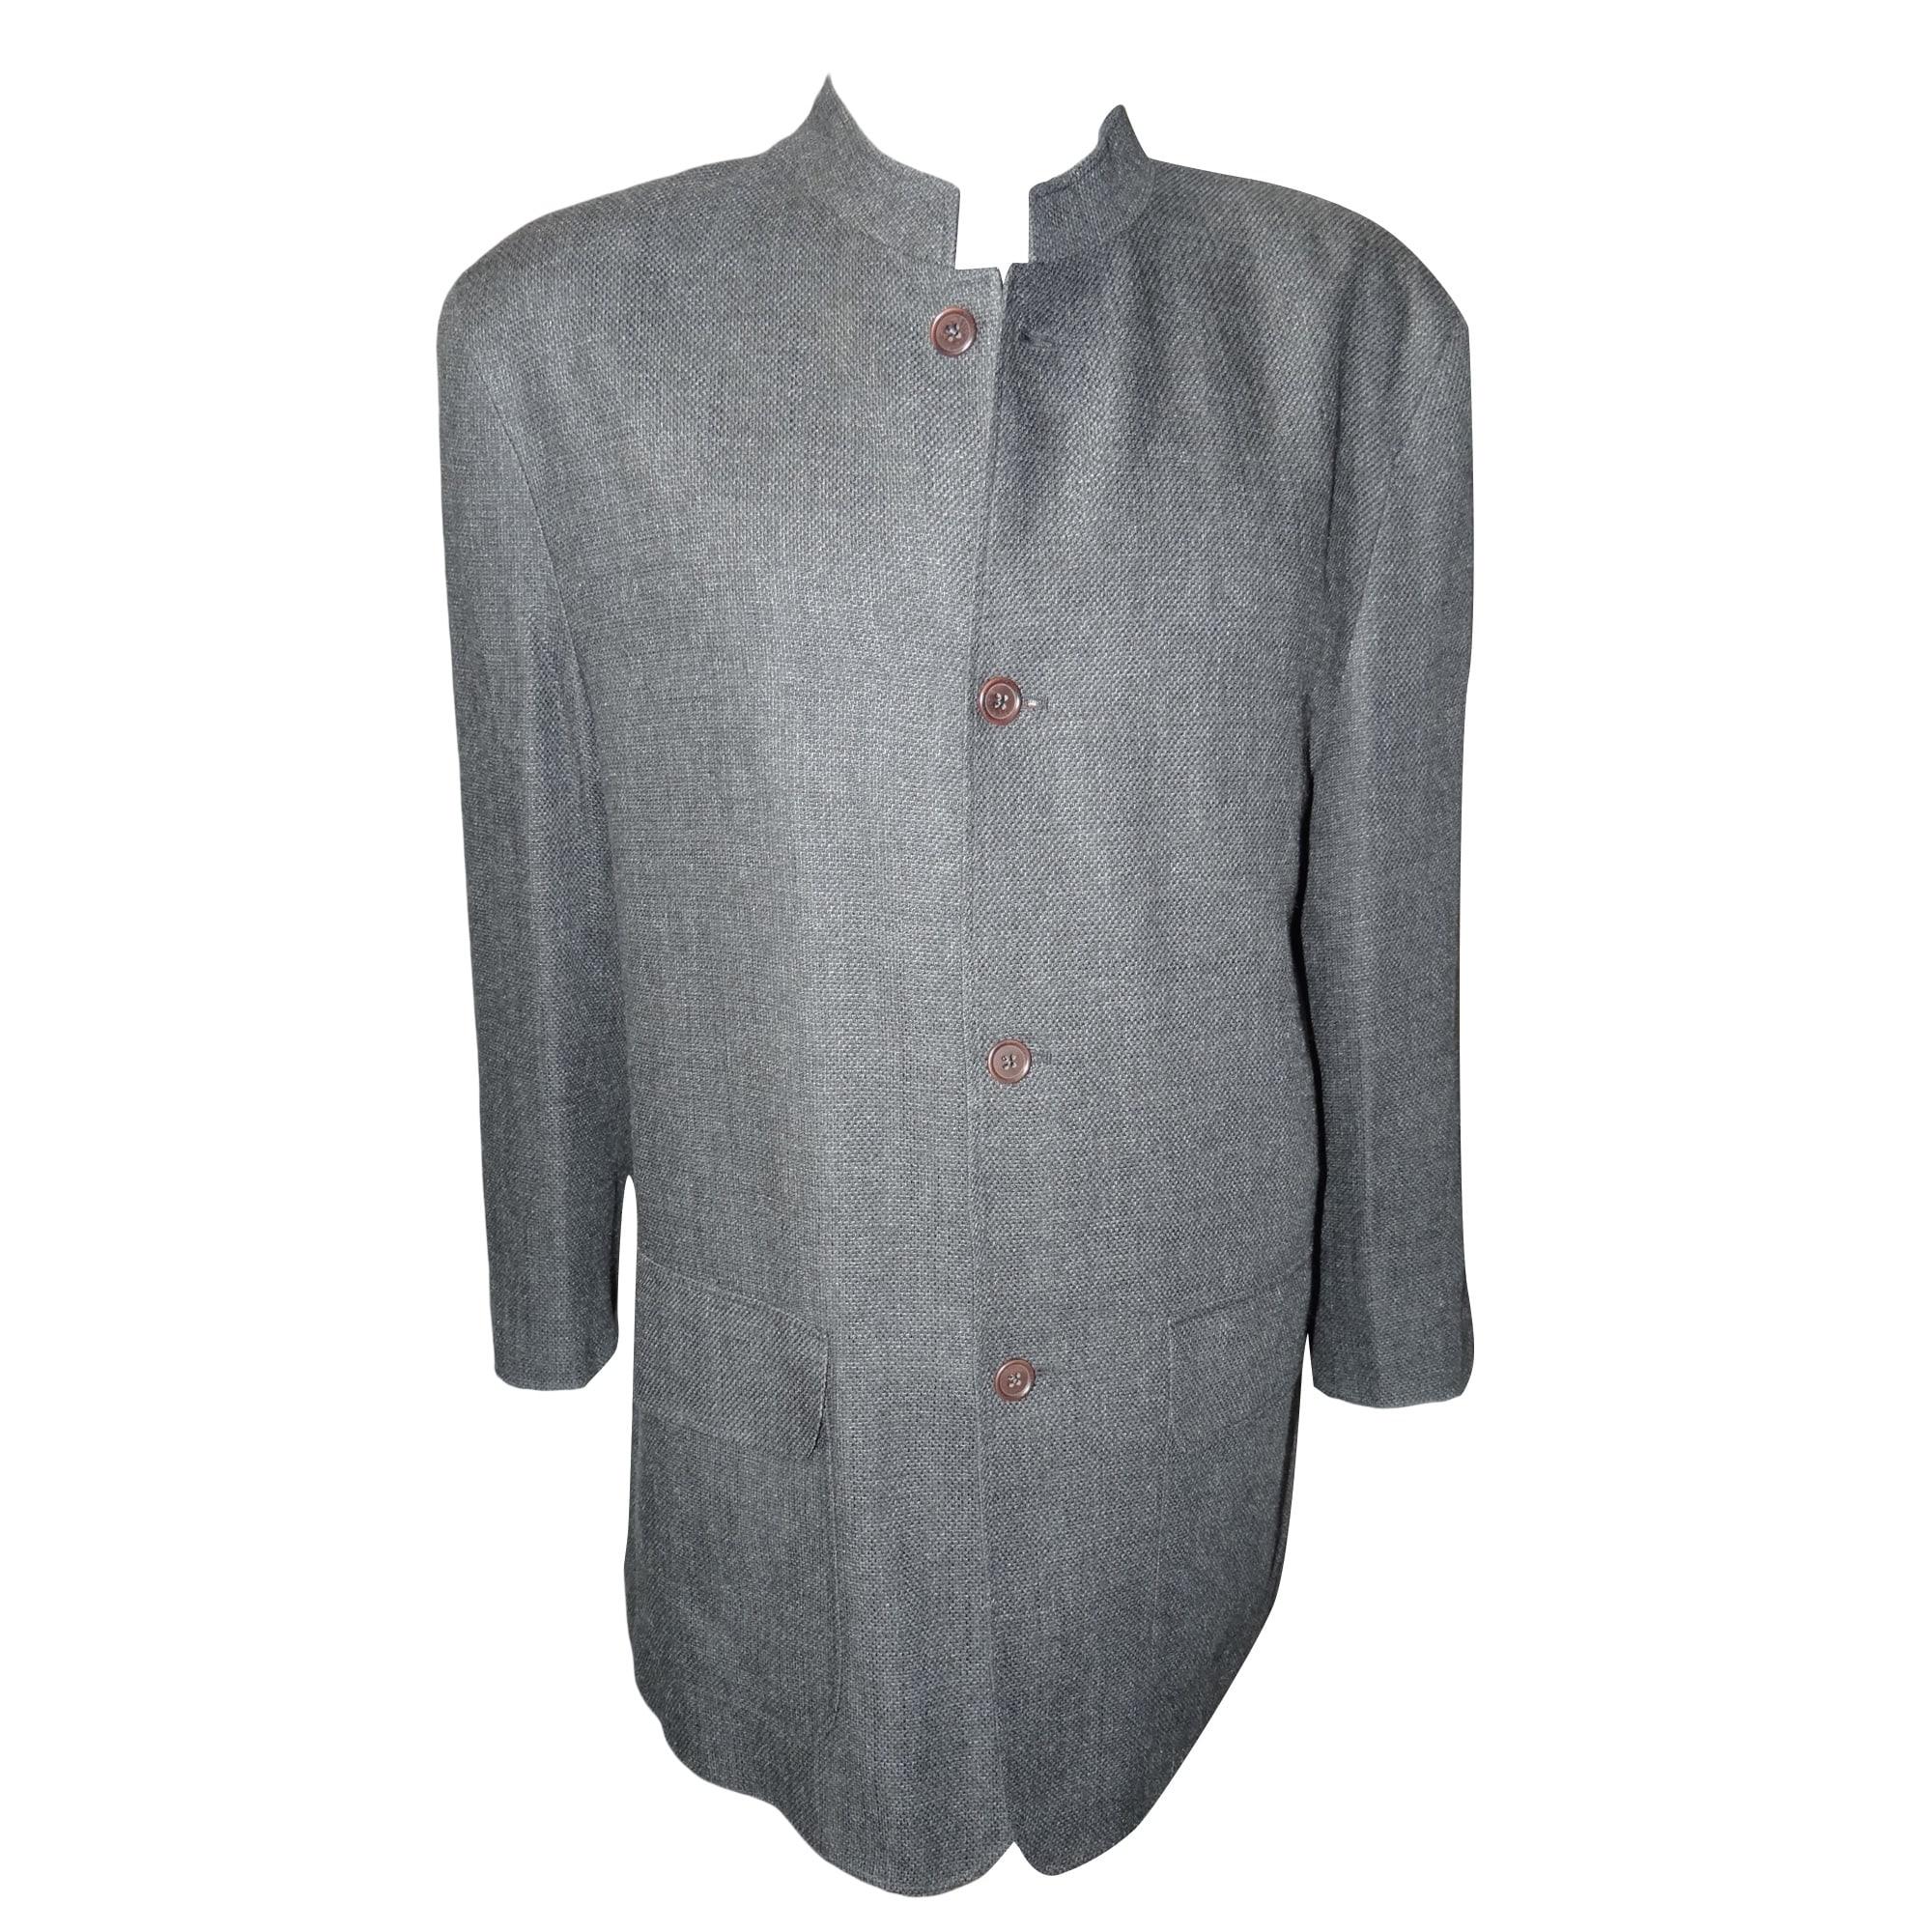 Jacket adolfo dominguez 58 xl gray vendu par louis for Adolfo dominguez womens coats